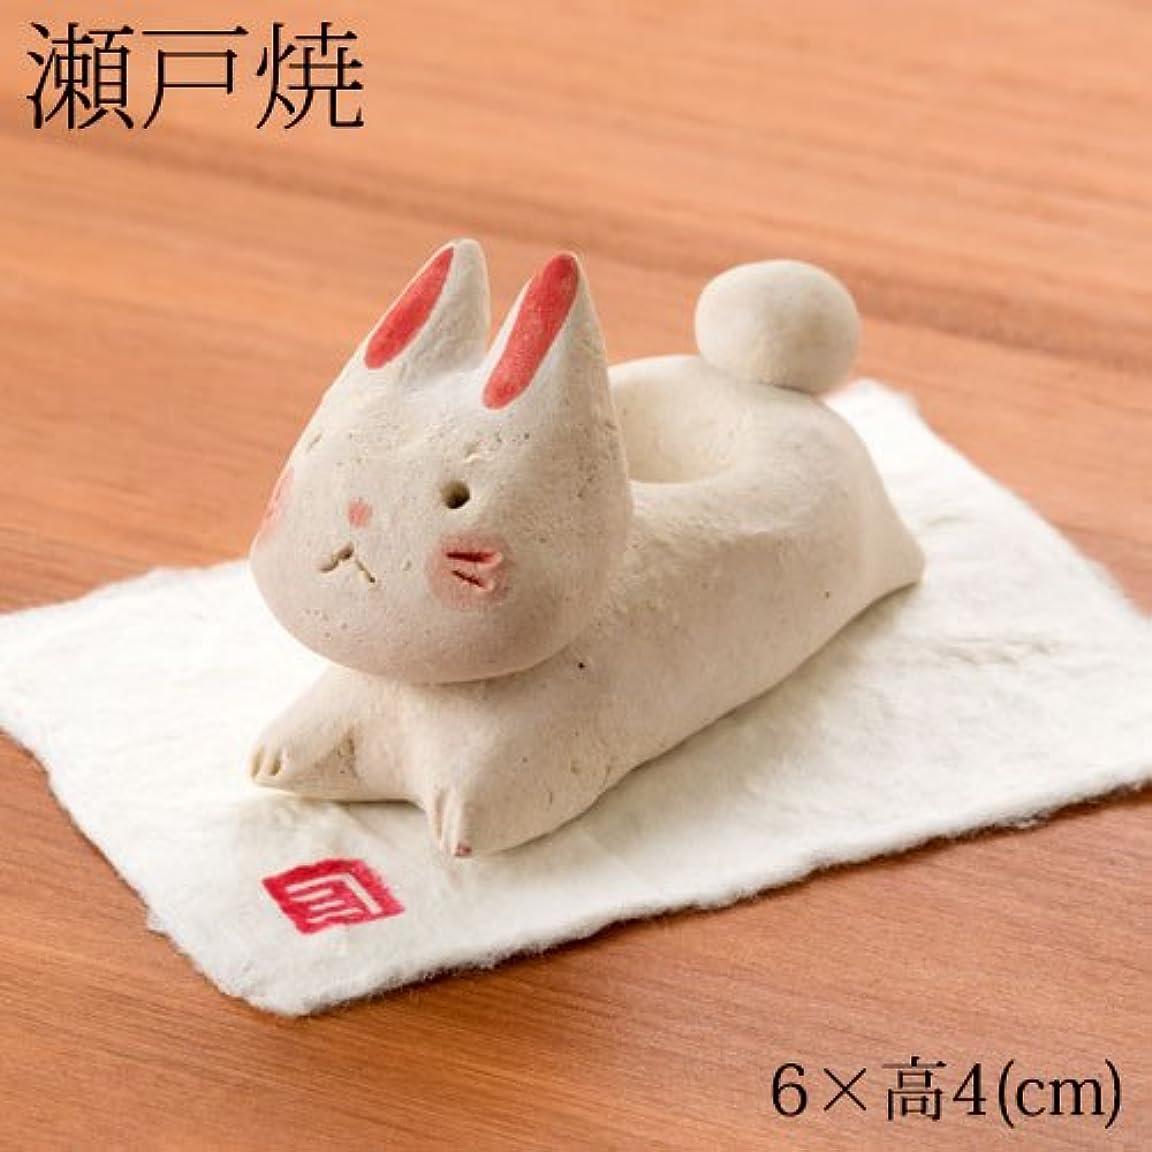 事件、出来事将来の噛む瀬戸焼兎アロマストーン (K6302)愛知県の工芸品Seto-yaki Aroma stone, Aichi craft